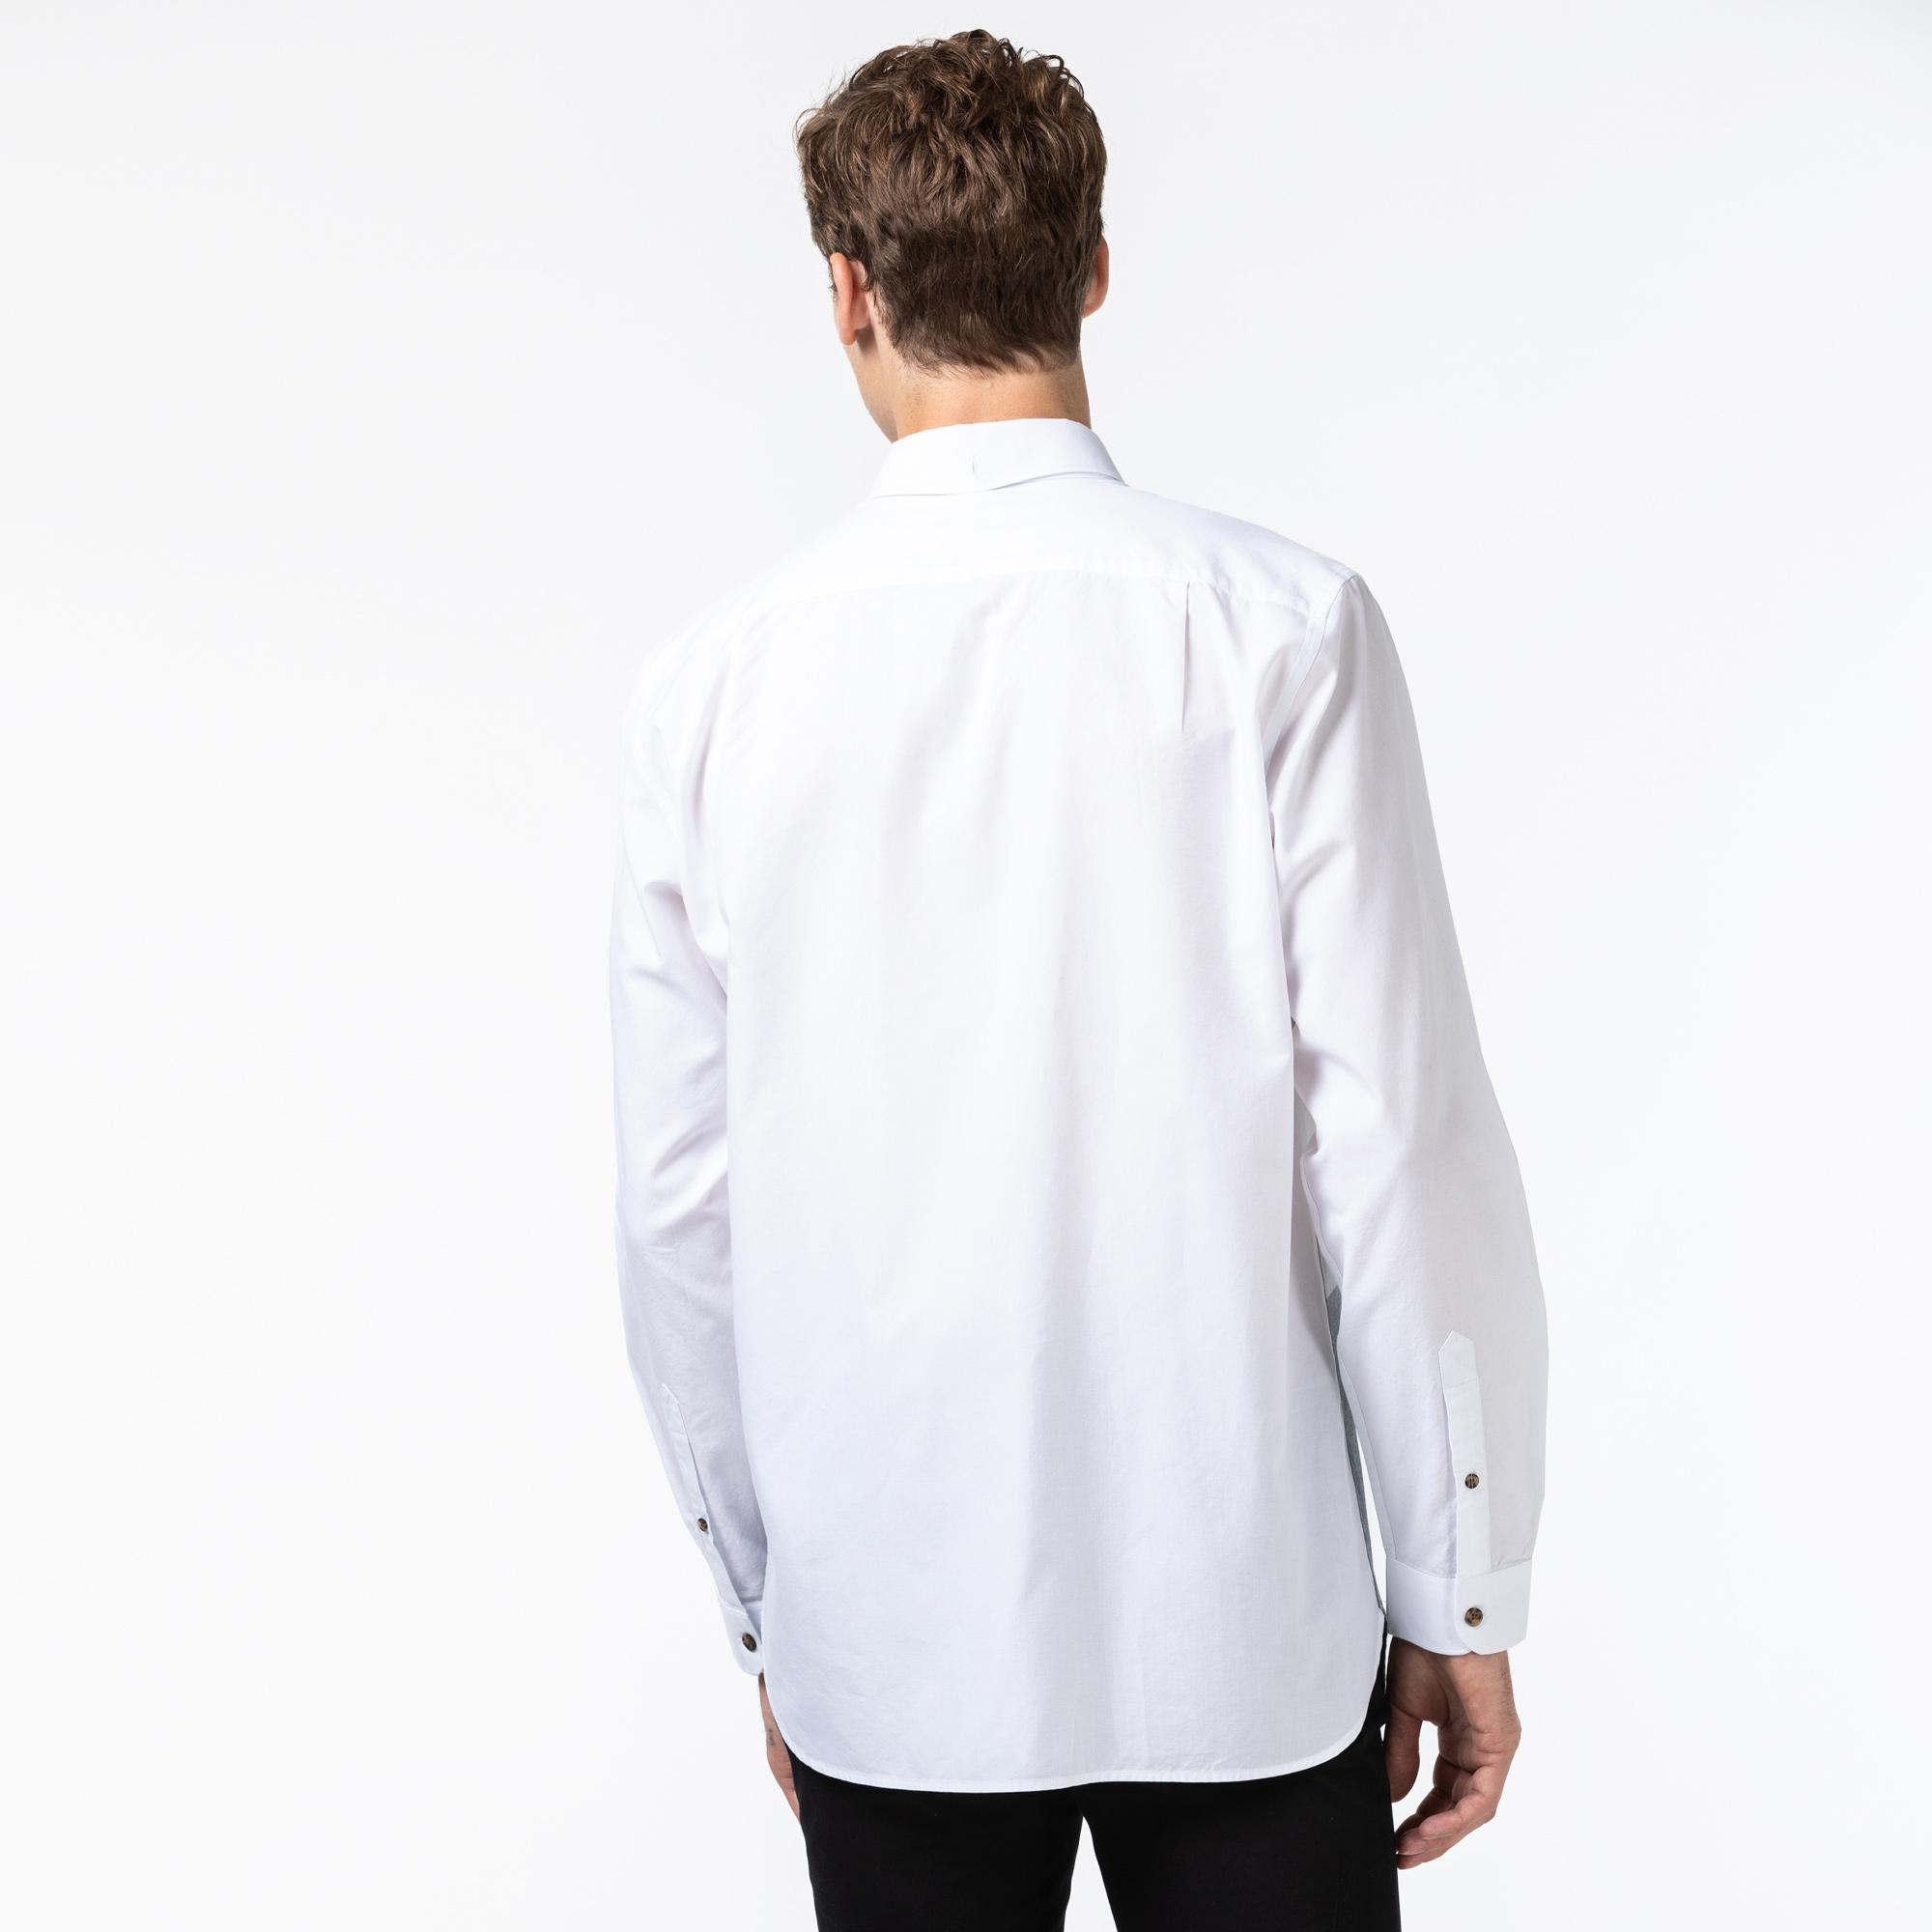 Lacoste Erkek Regular Fit Blok Desenli Beyaz Gömlek